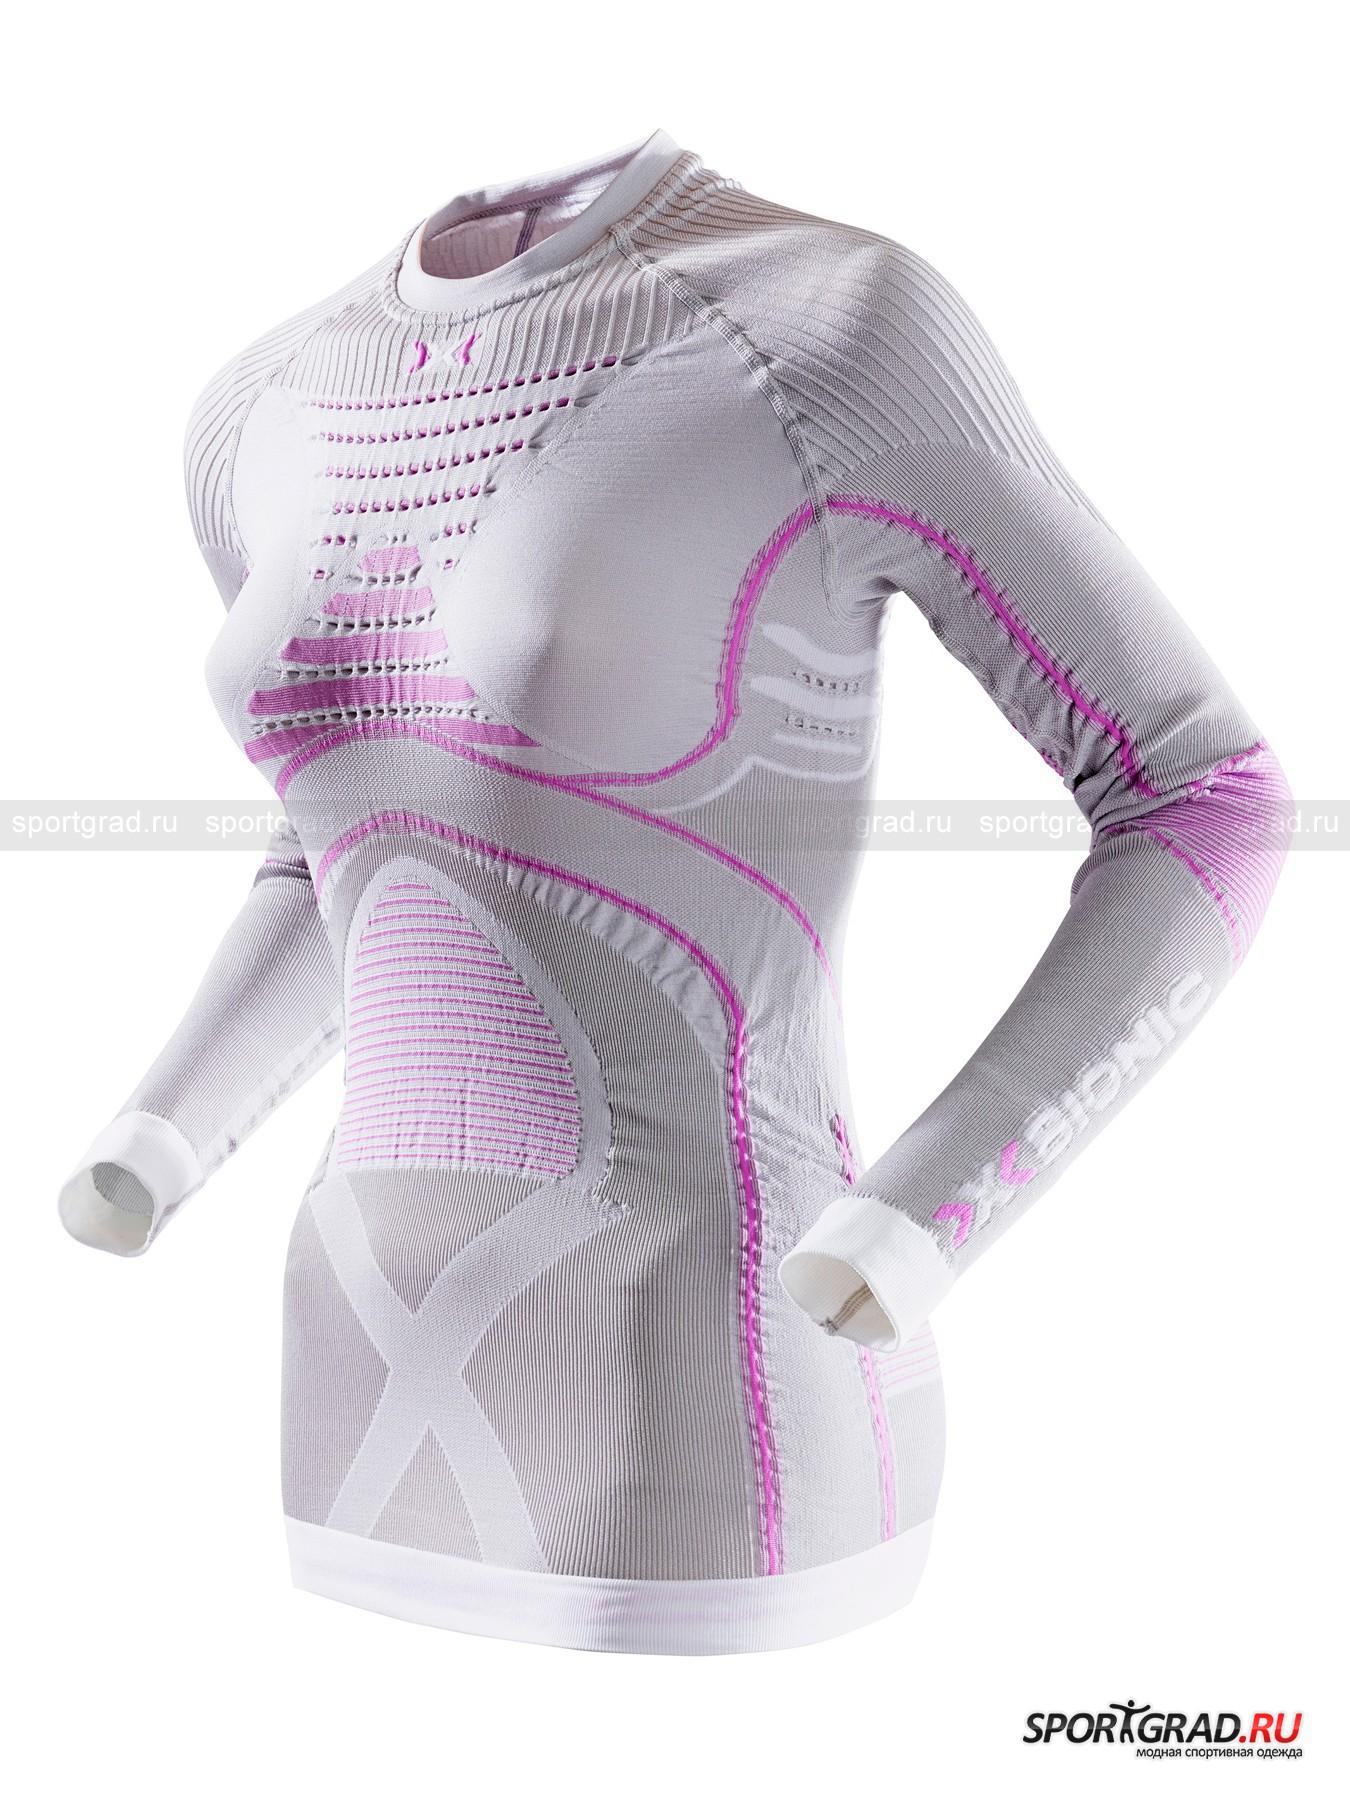 Белье: термофутболка женская с длинным рукавом  X-BIONIC RADIACTOR  EVO LAD для охоты и спорта